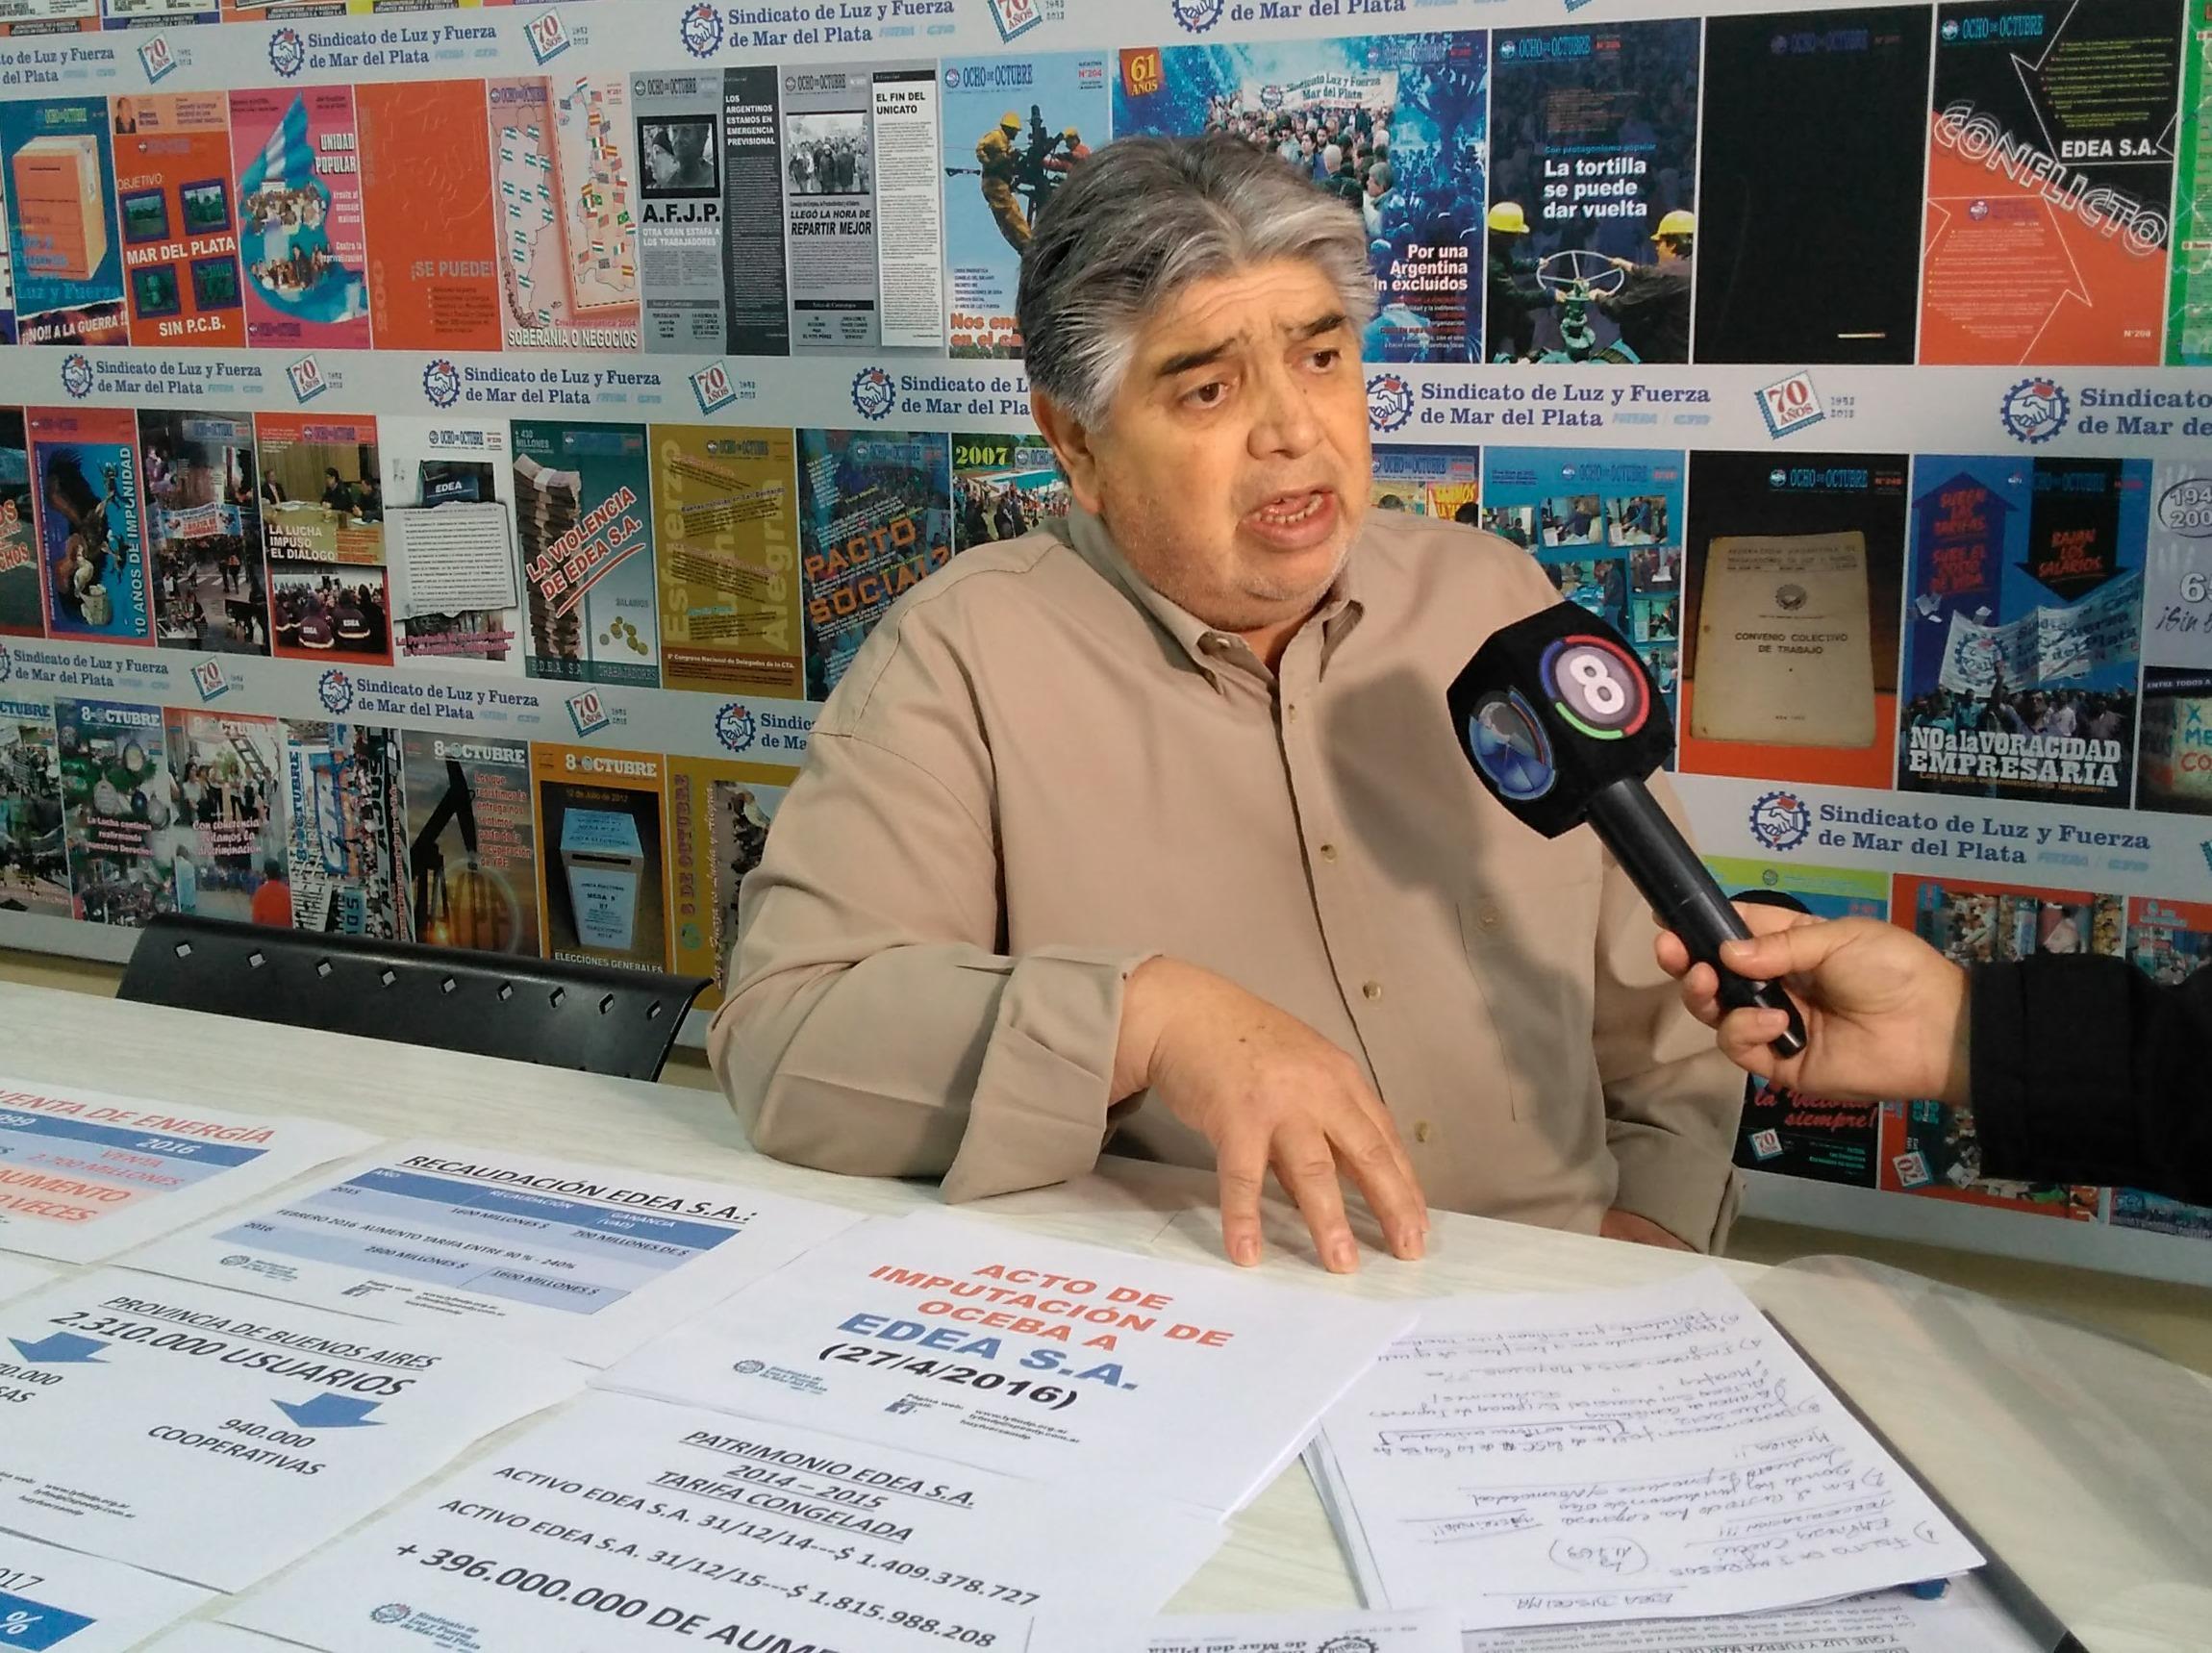 EDEA S.A. MIENTE Y TERGIVERSA LA REALIDAD DE UN LARGO CONFLICTO POR FALTA DE INGRESOS